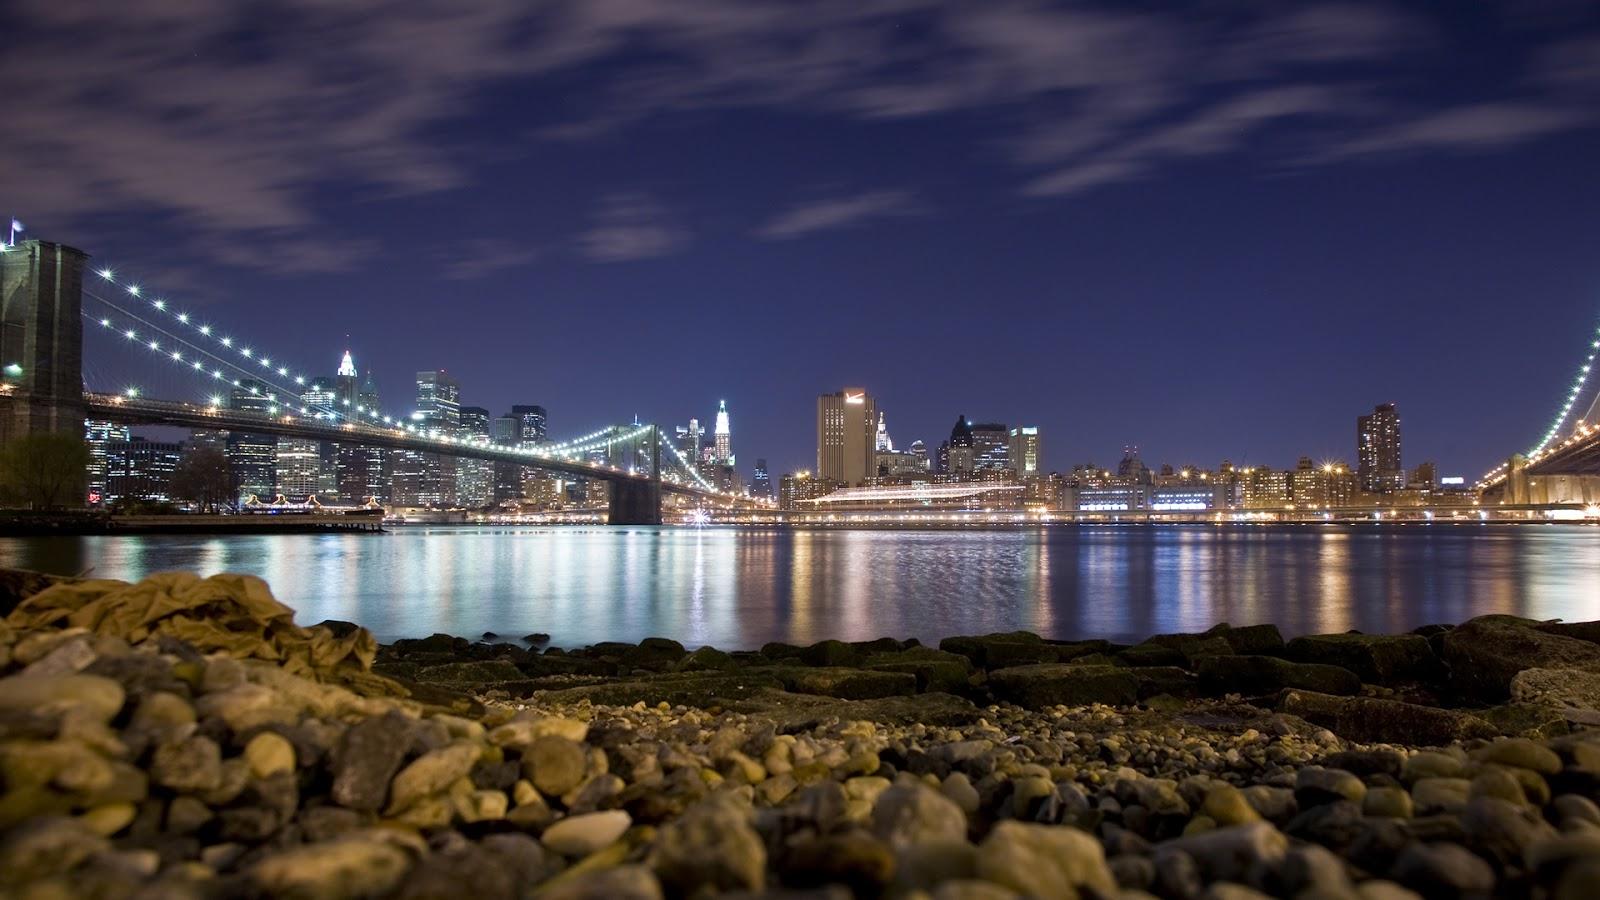 http://1.bp.blogspot.com/-PkdyJ3vV4QM/Tk5EitDFplI/AAAAAAAAEg8/Bl3T8qriJ6U/s1600/Awesome+CityScapes++HD+Wallpaper+1920+X+1080+32.jpg